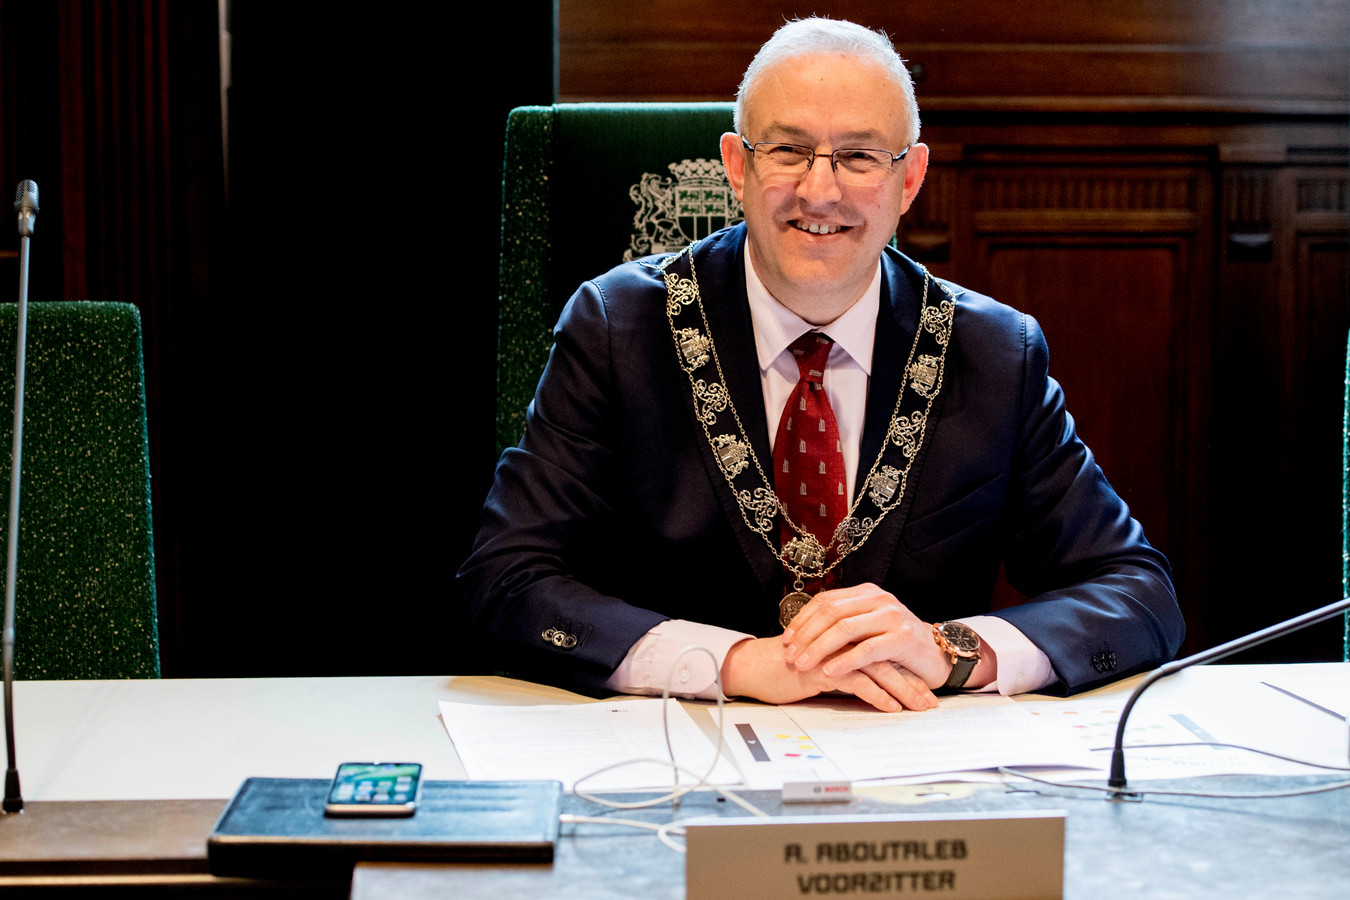 Burgemeester Ahmed Aboutaleb tijdens de installatie van de Rotterdamse gemeenteraad.